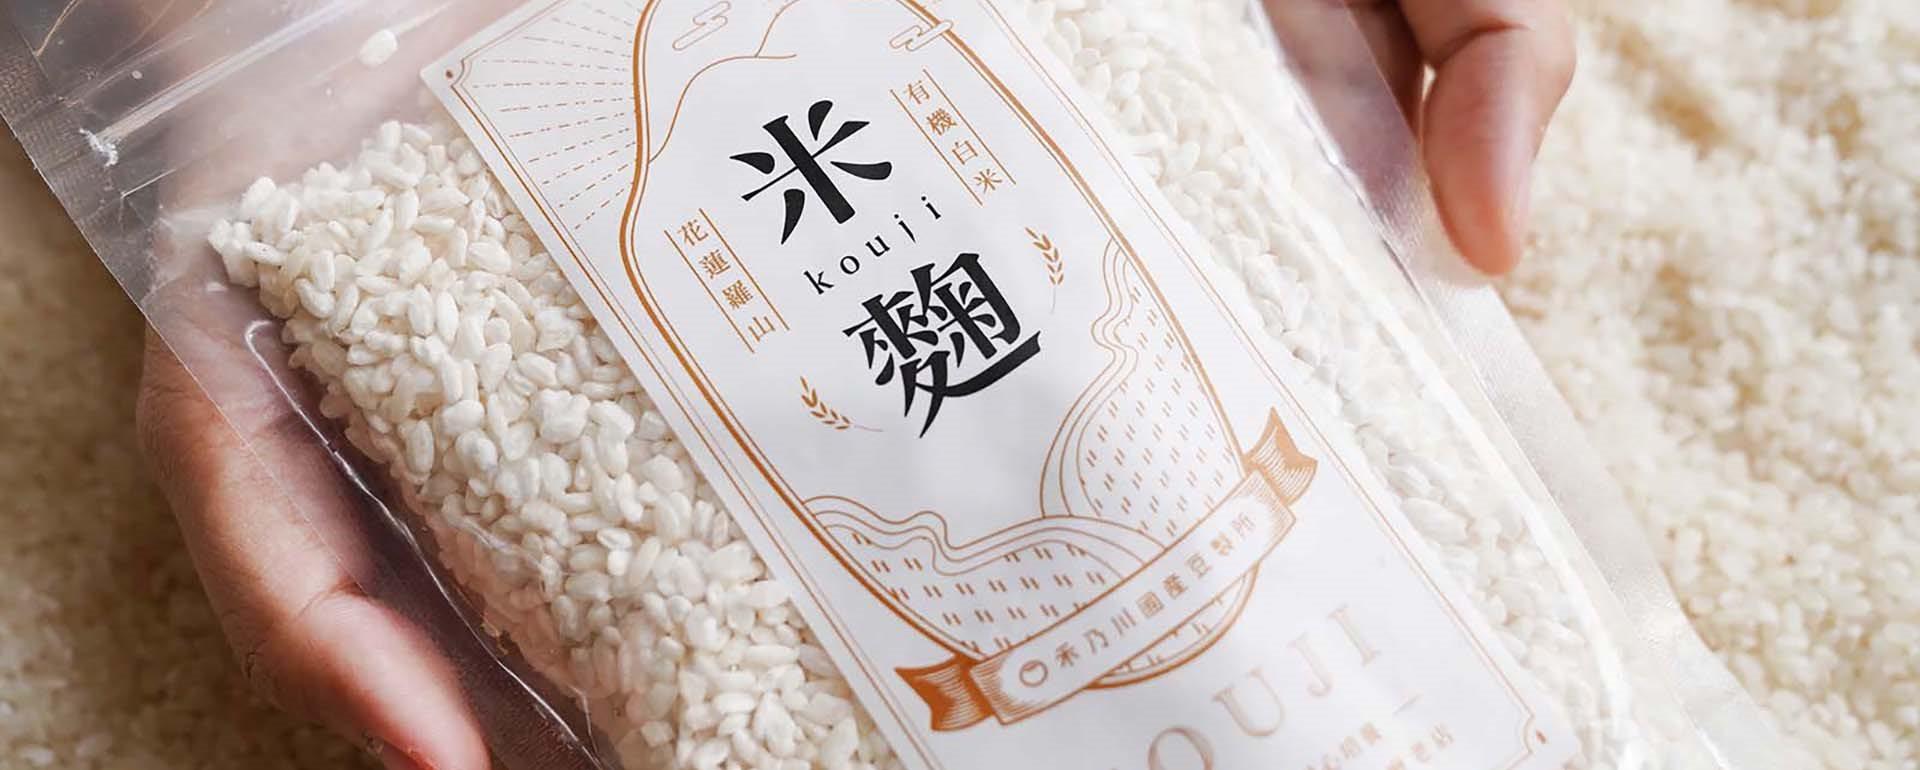 有機米麴哪裡買?米麴用途及如何製作美味味噌!禾乃川國產豆製所不藏私大公開!